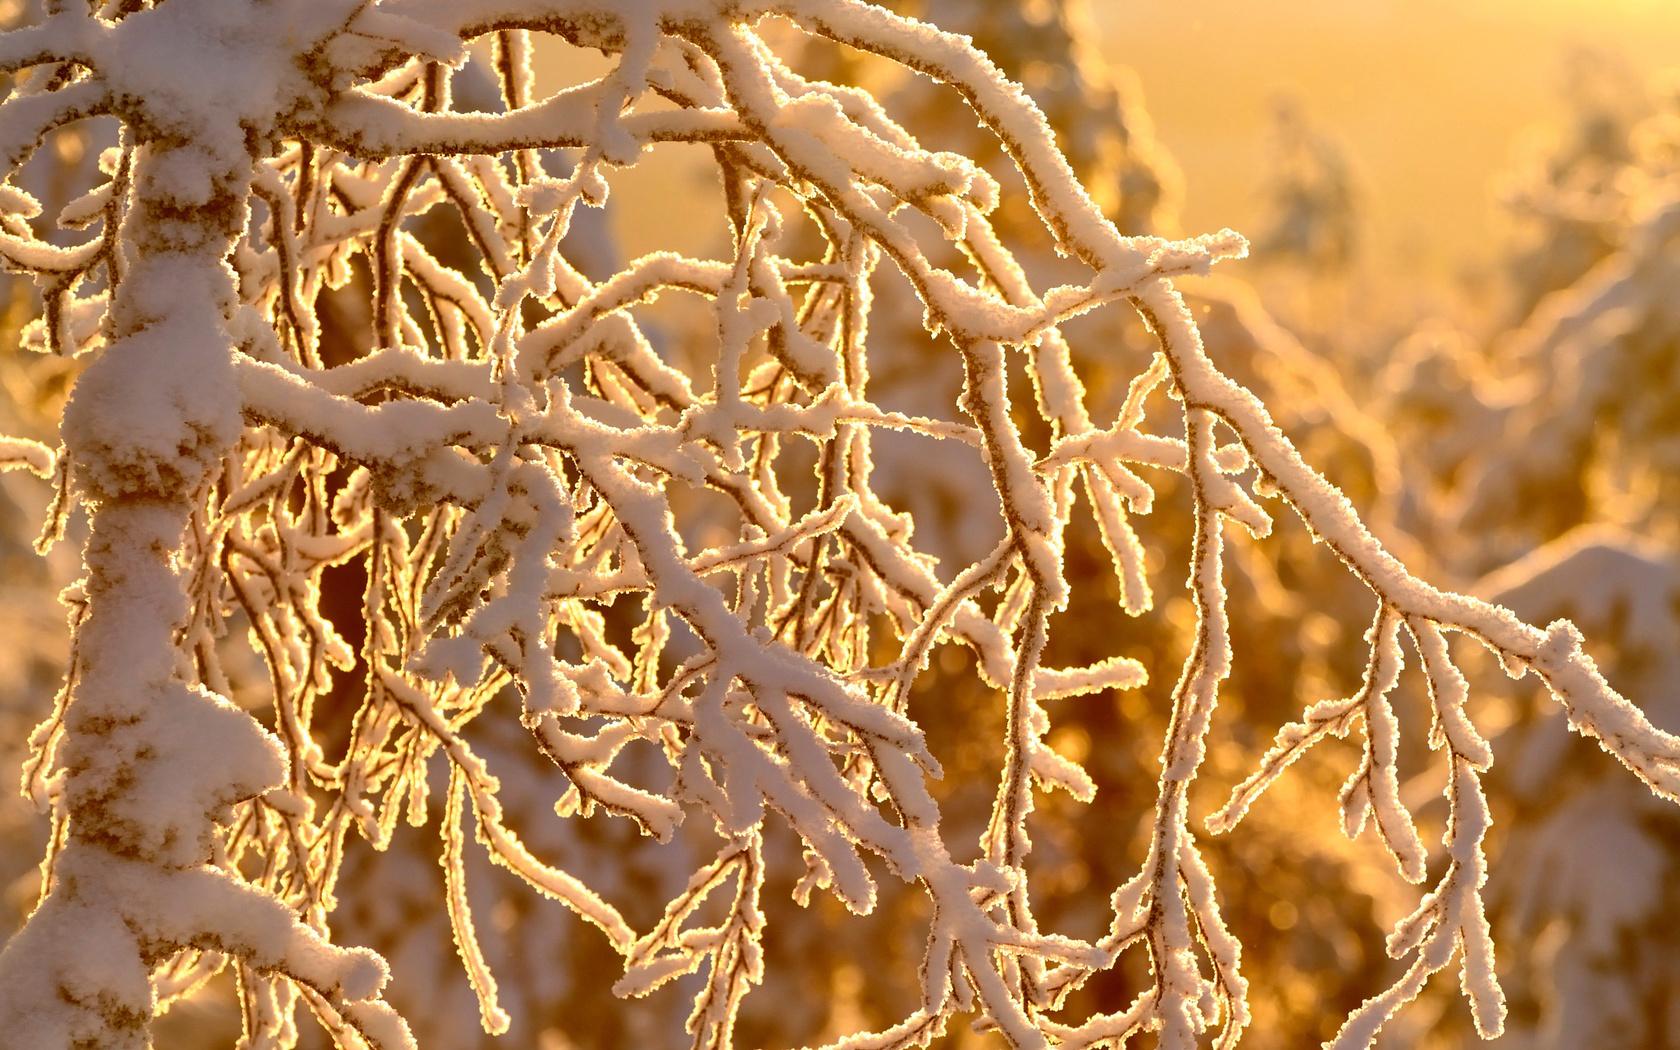 природа, зима, деревья, ветки, снег, hannu koskela contact  фолловить  это вы!, hannu koskela